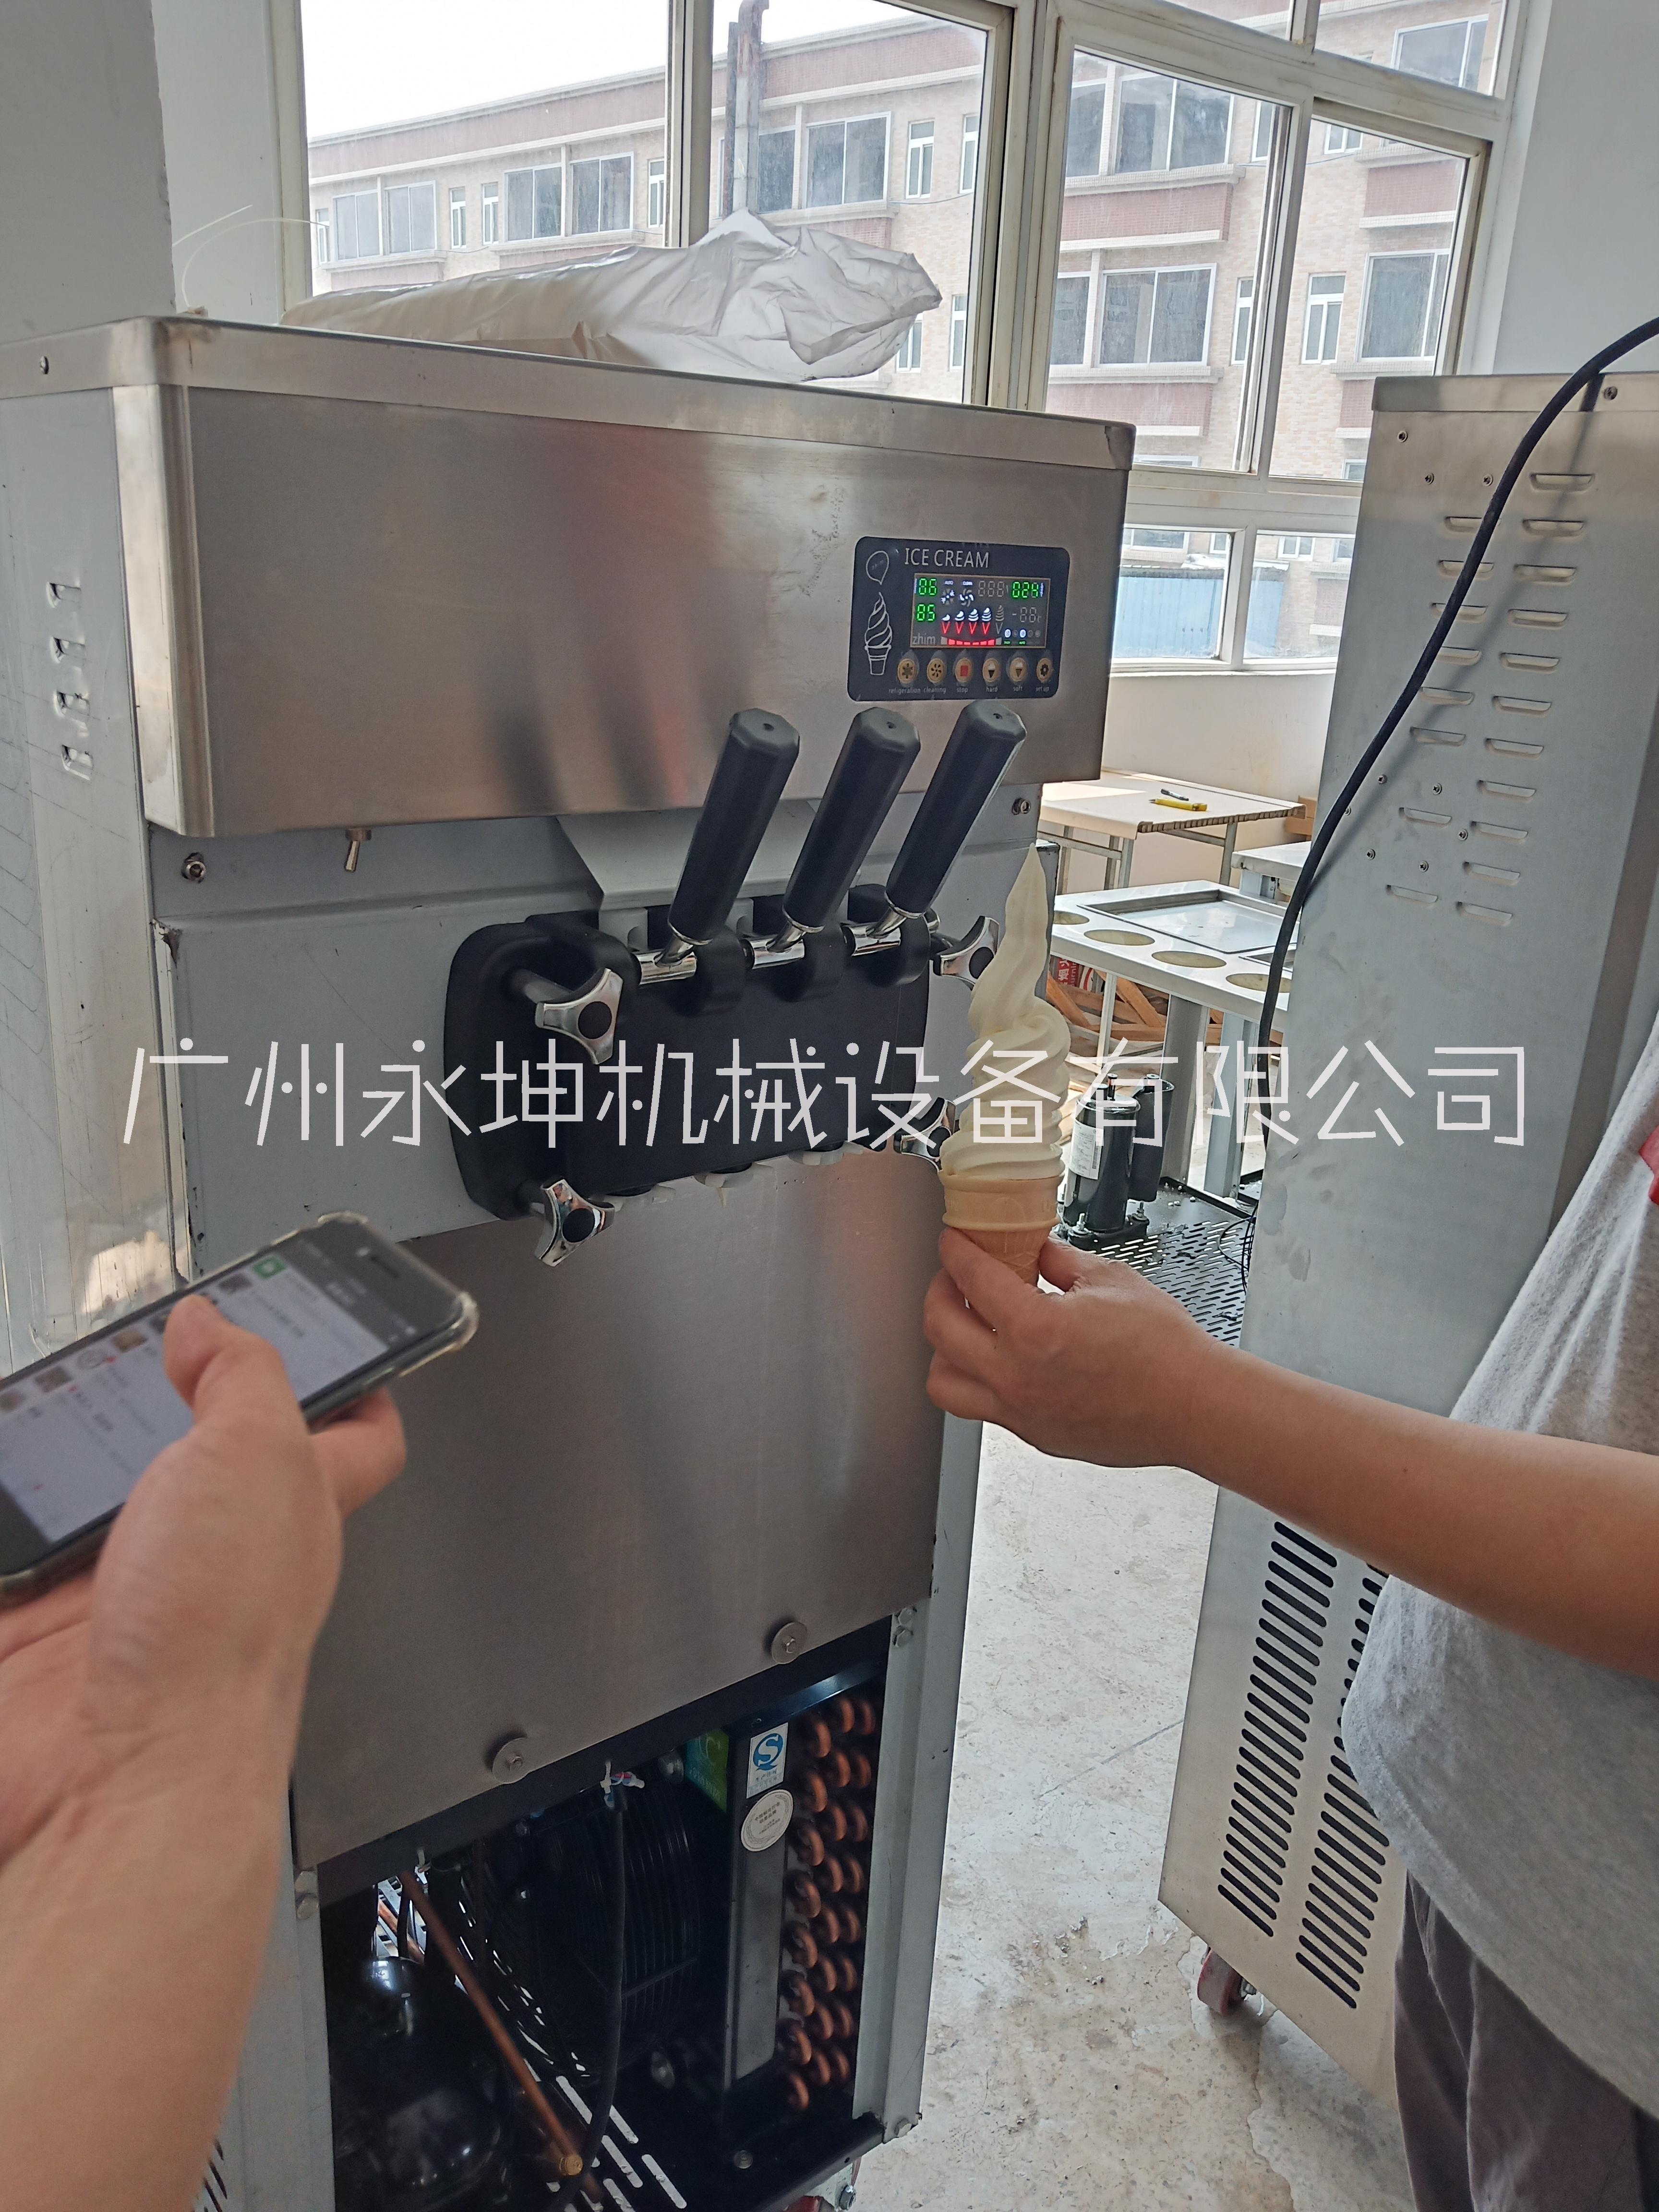 广州立式冰淇淋机定制,广州立式冰淇淋机厂家,广州立式冰淇淋机供应商